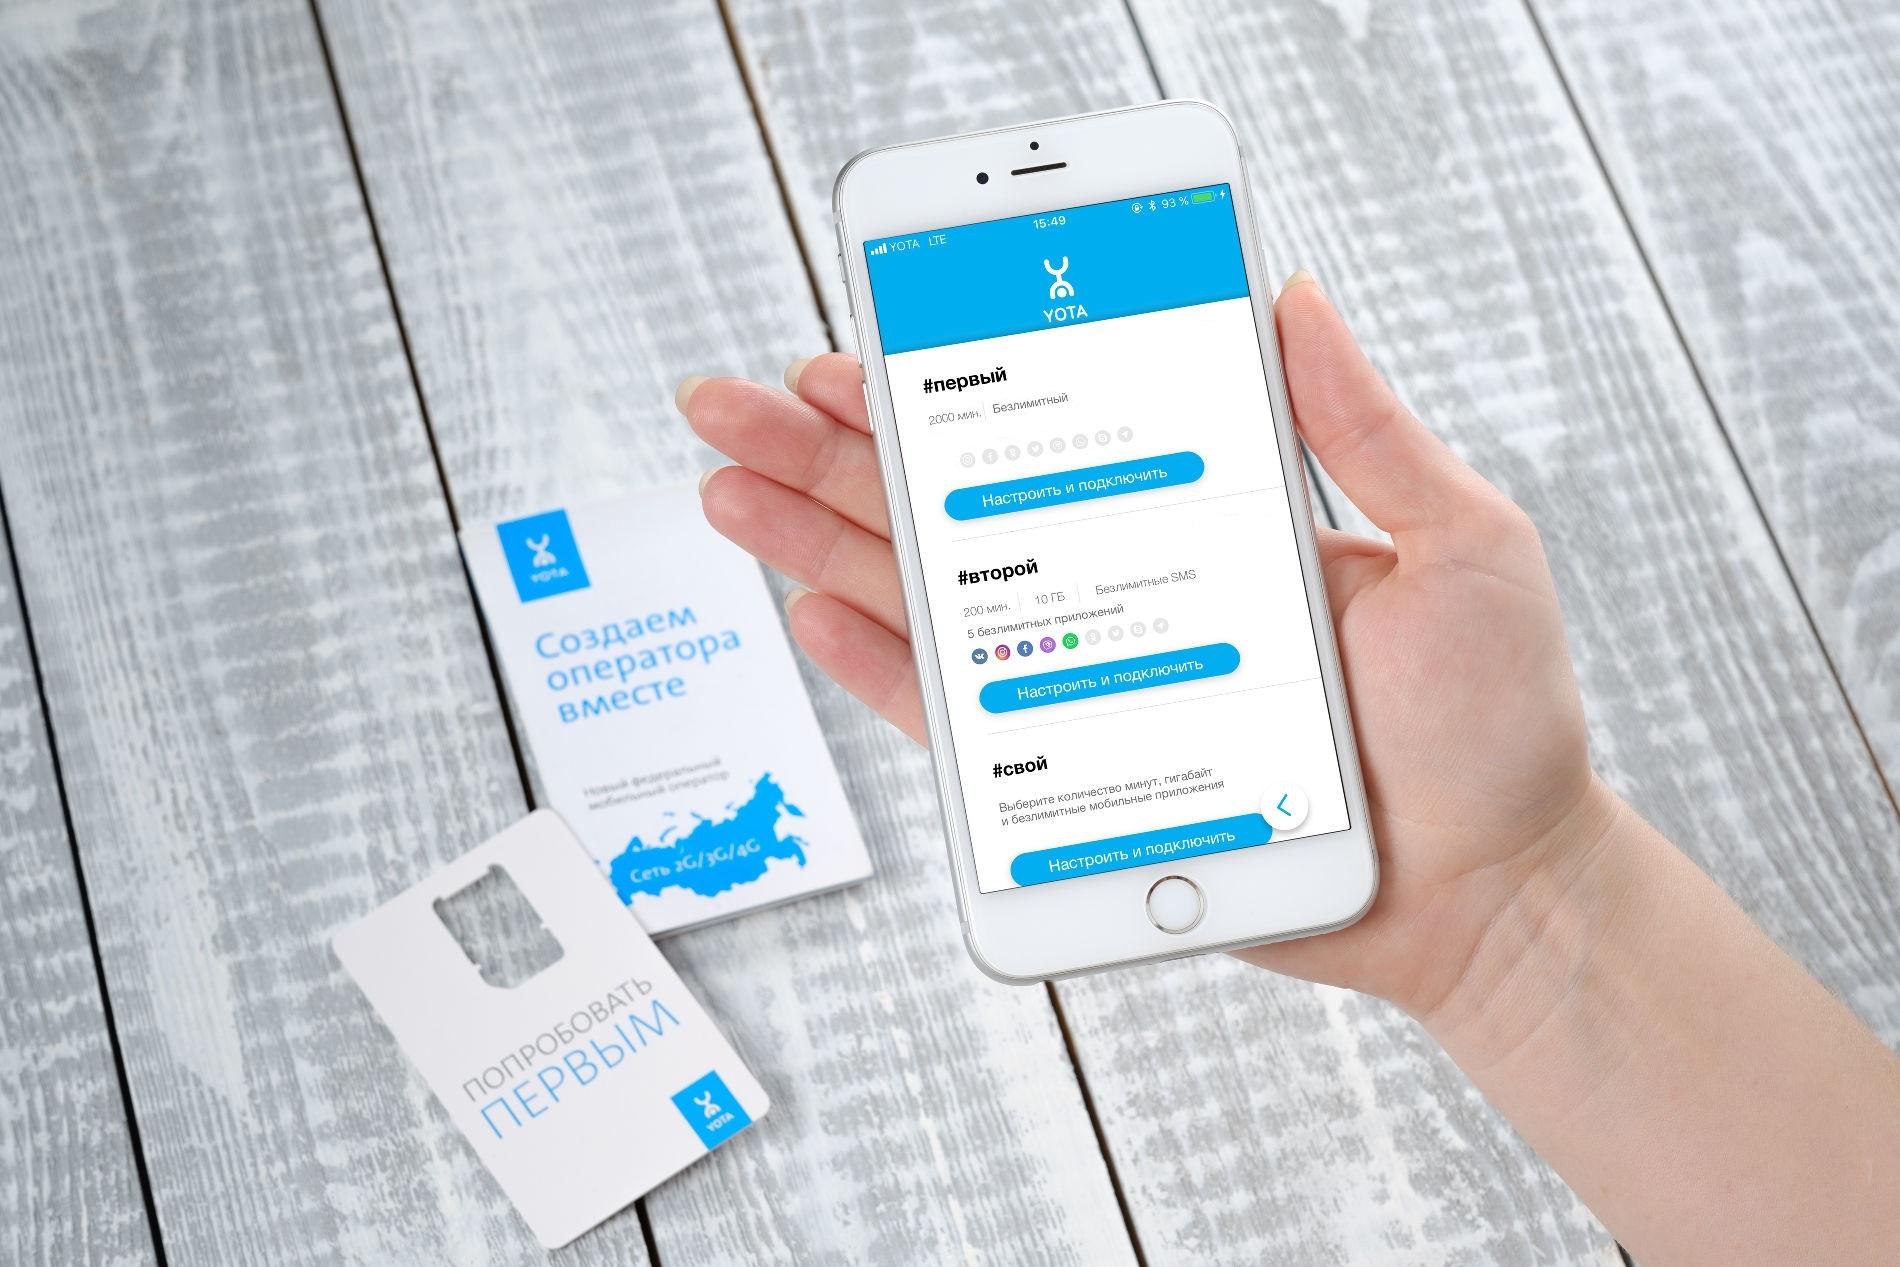 Yota предоставит 2000 минут, безлимитный интернет и безлимитный пакет СМС всего за 400 рублей в месяц 1